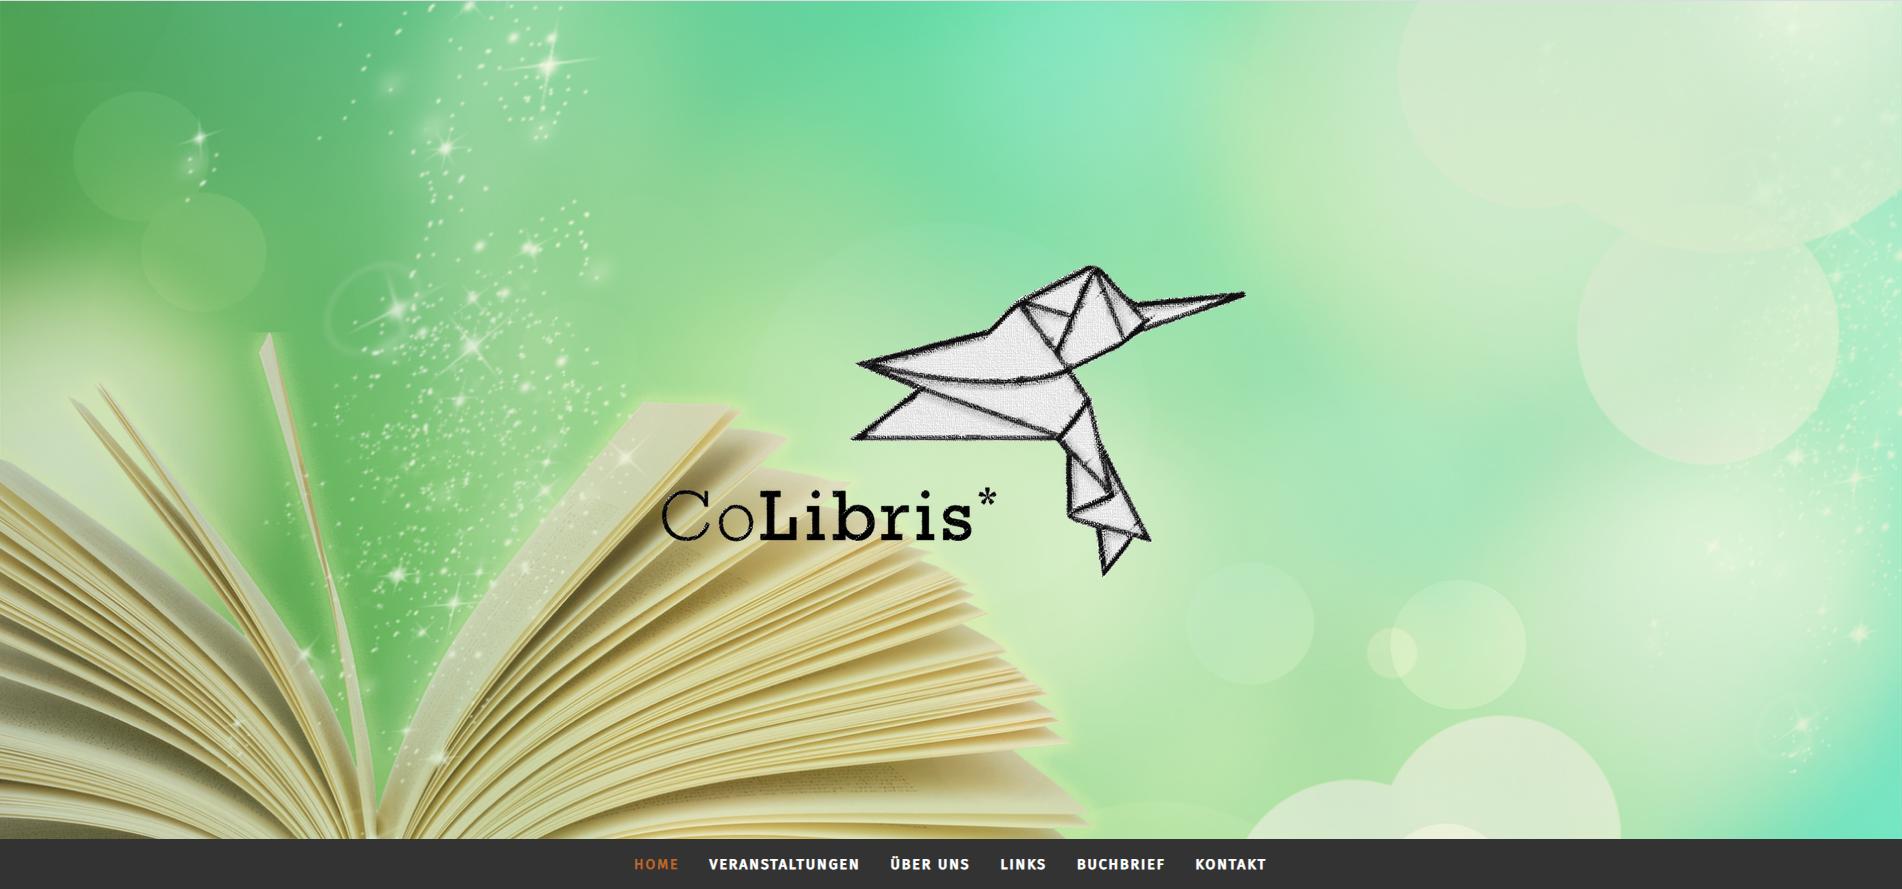 Relaunch. Website für einen Bücherförderverein. Meine Aufgaben: Komplette Neustrukturierung der Website inkl. Auswahl von Bildmaterial und Schreiben der Texte